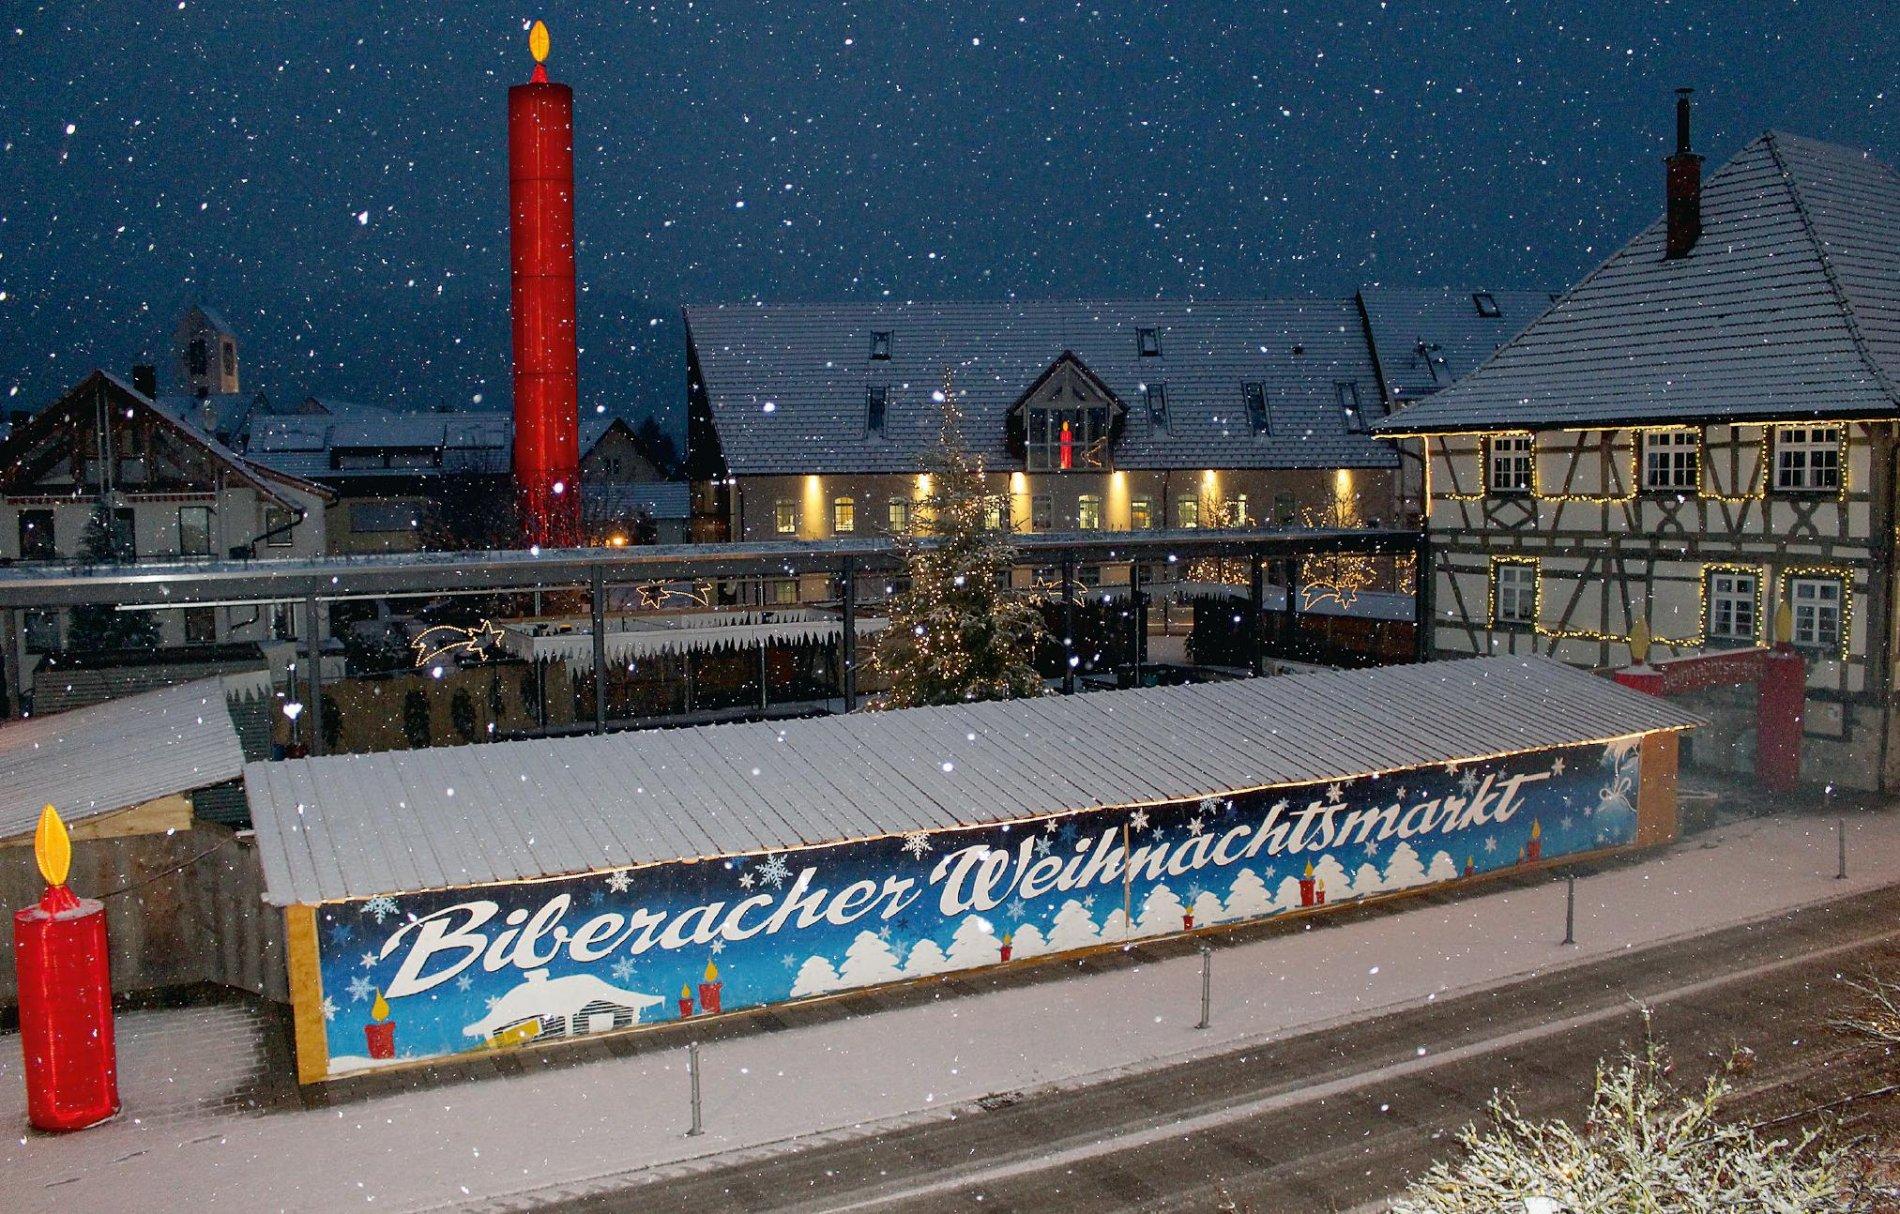 Romantischer Weihnachtsmarkt im Kerzendorf Biberach / Urheber: